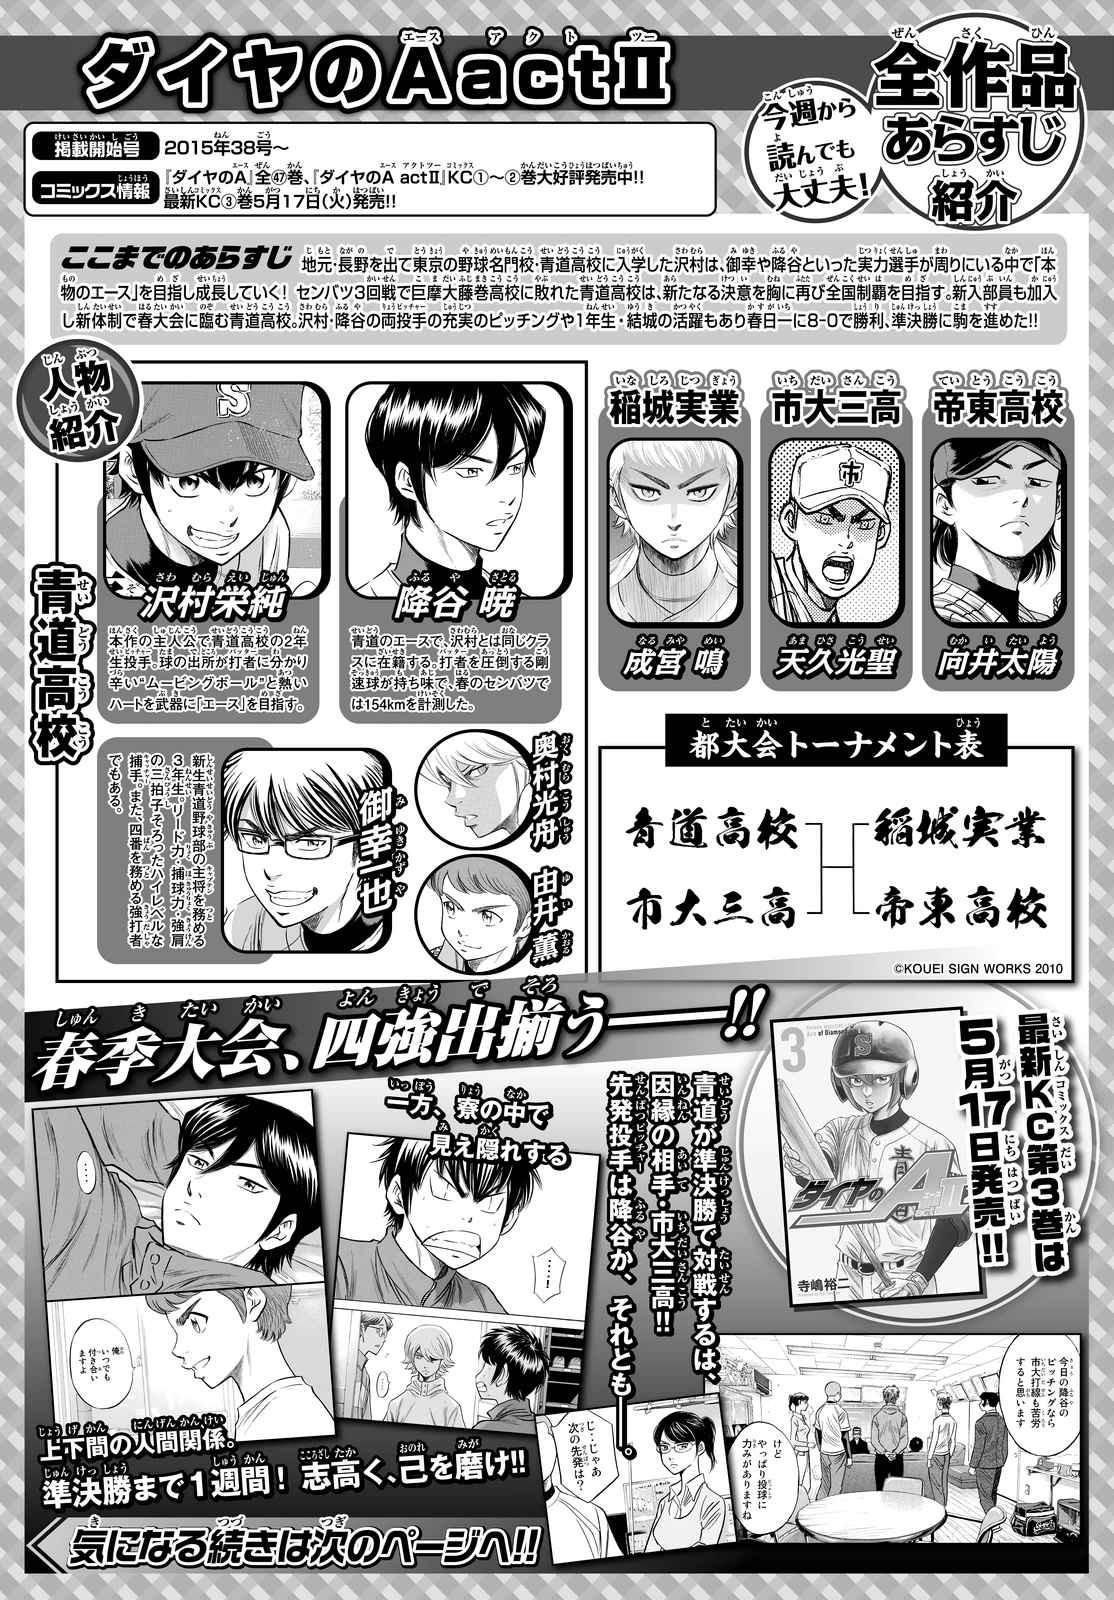 Daiya no A Act II - Chapter 032 - Page 1